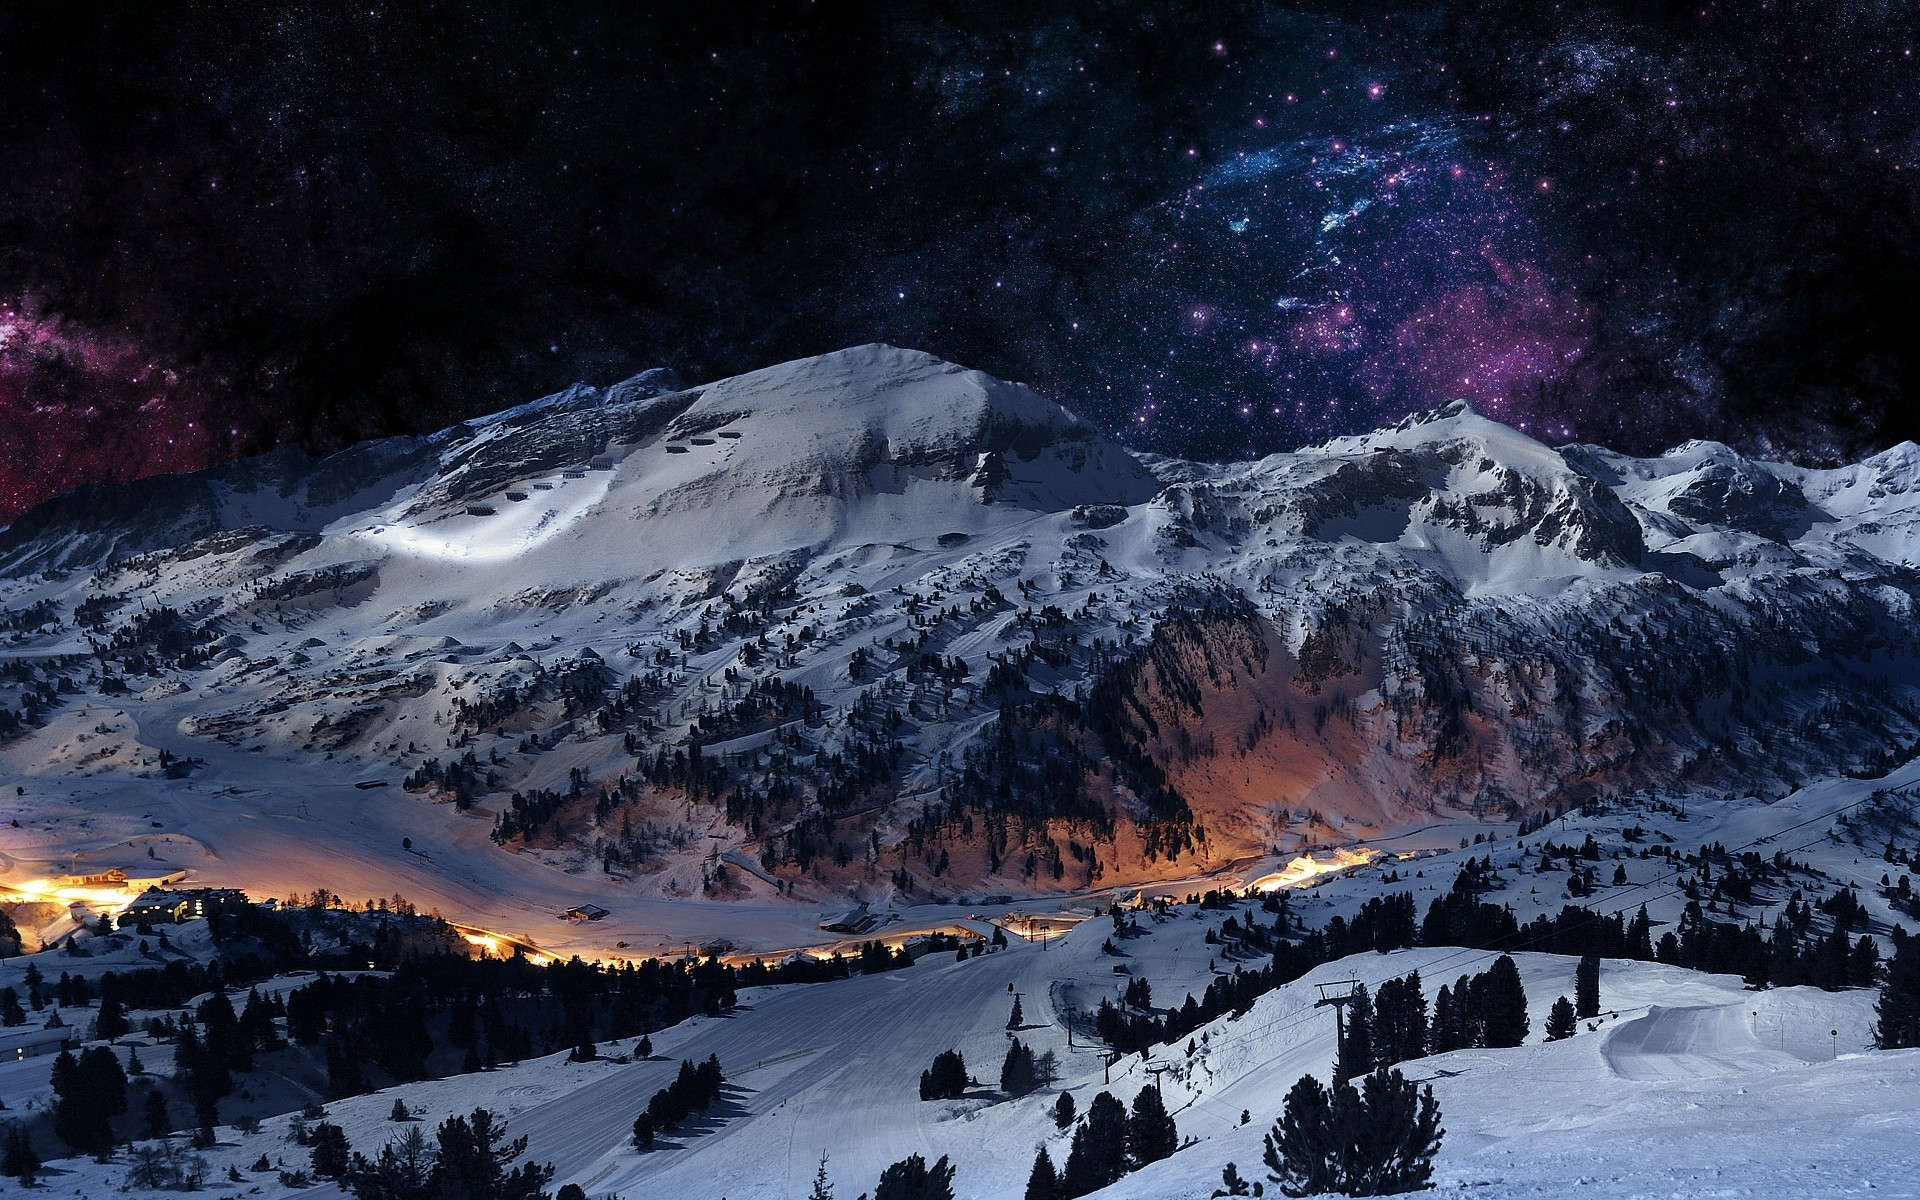 1920x1200 Digital Art Landscapes Mountains Night Sky Scene Winter Hd Wallpaper 944634